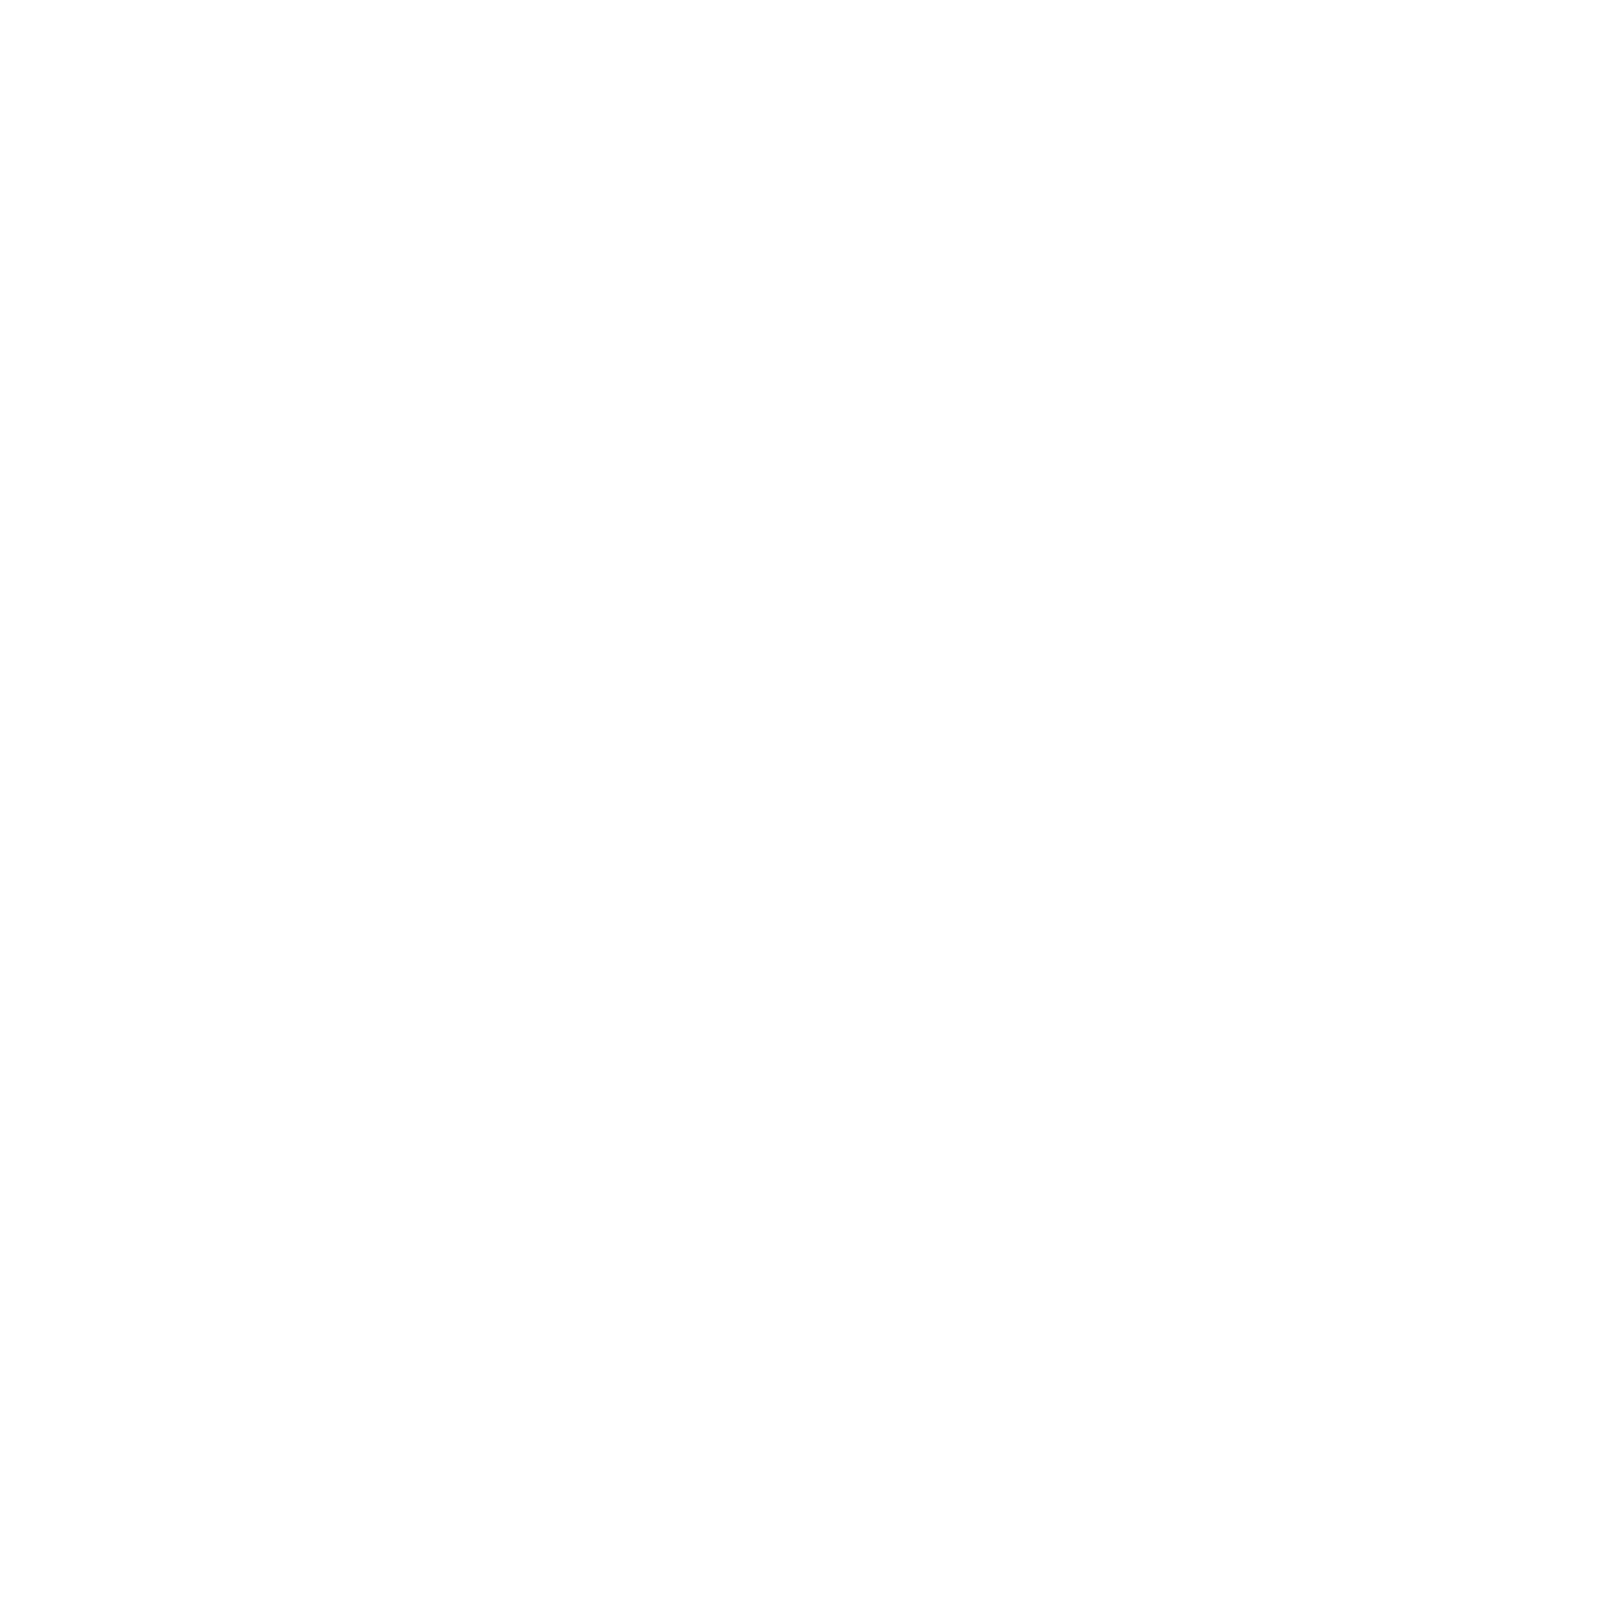 aberdeen-project-logo